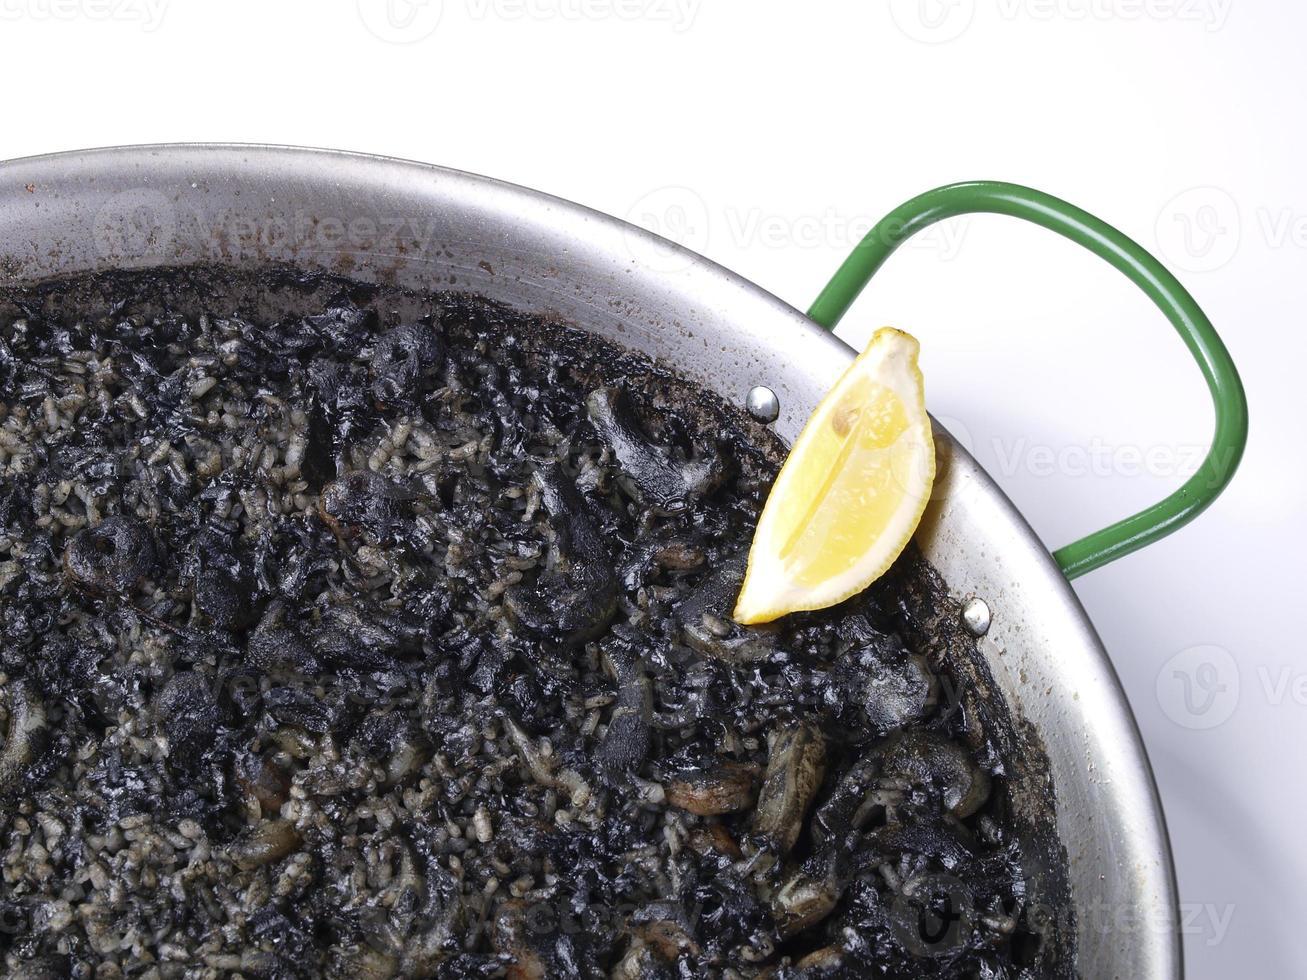 arroz negro - arroz negro foto